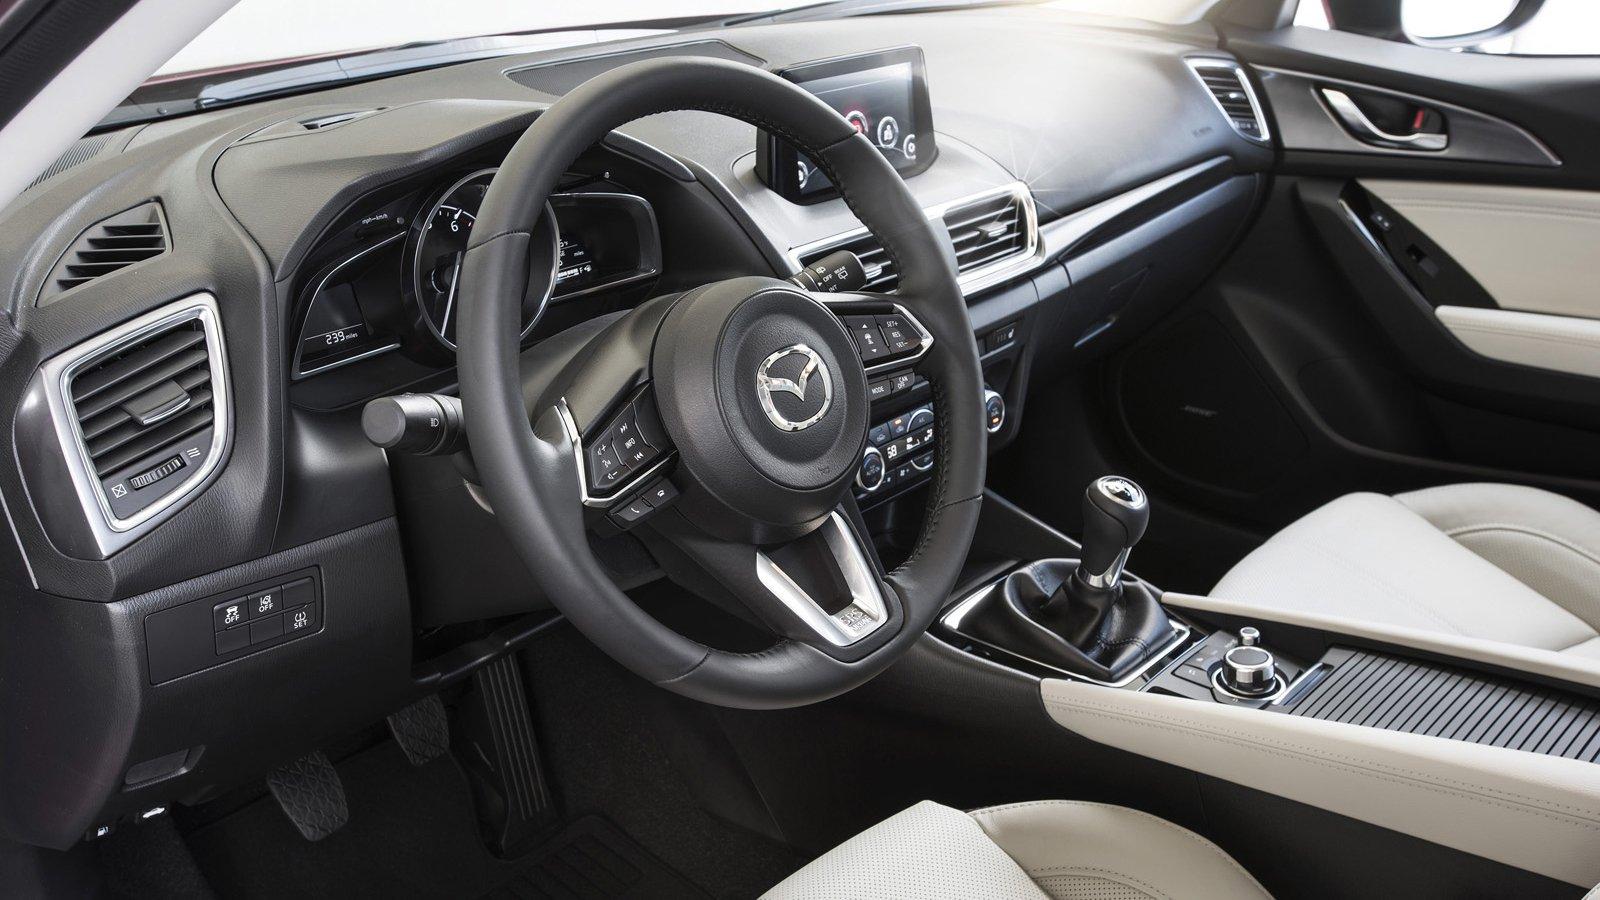 So sánh qua ảnh xe Mazda 3 Sport 2020 và đời cũ a20